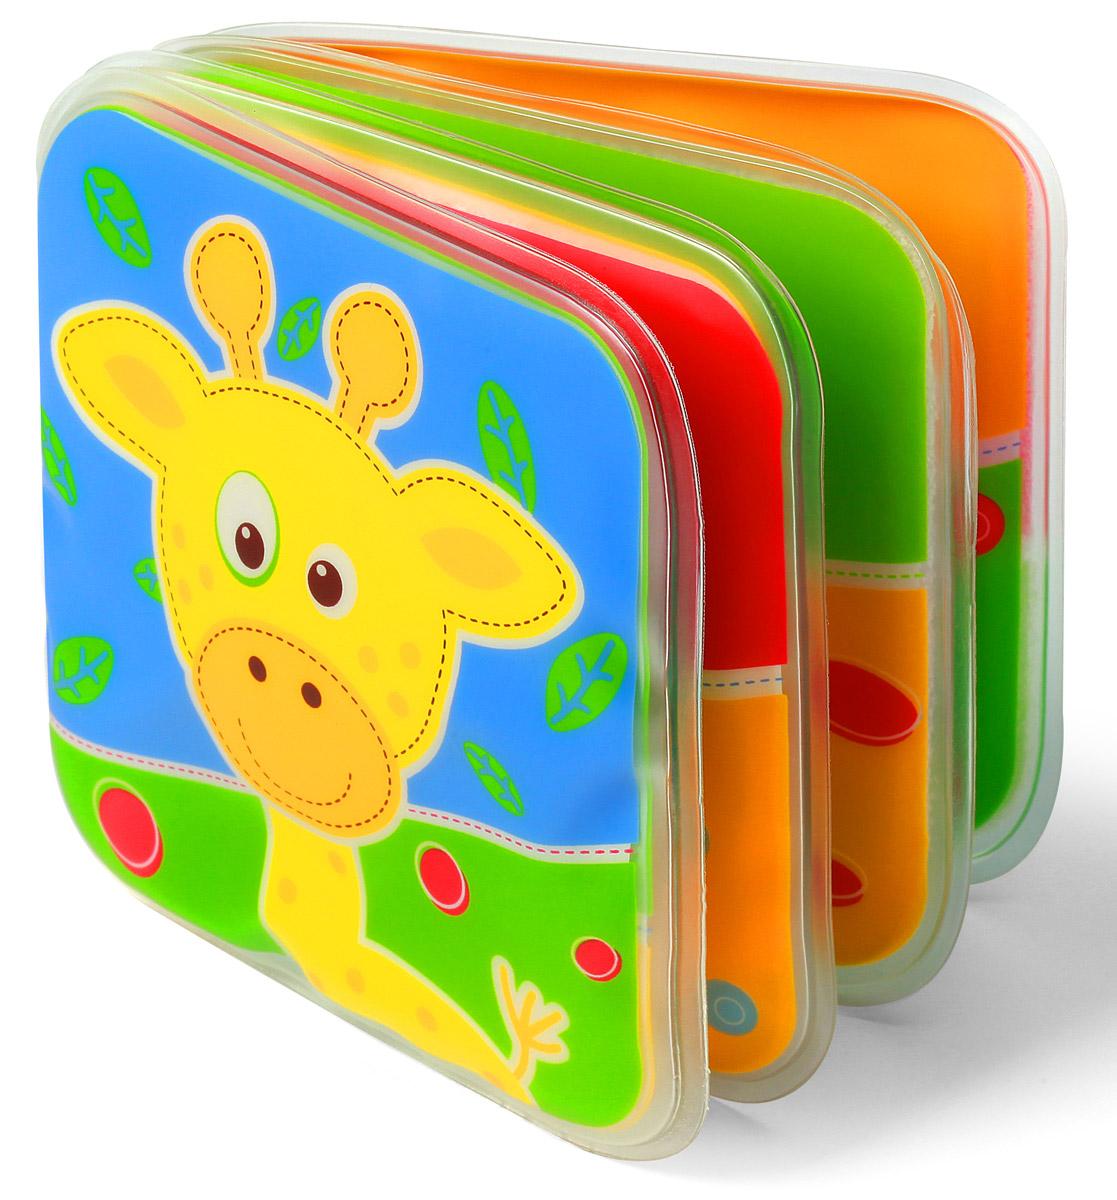 BabyOno Книжка-игрушка Жираф891_жирафКнижка-игрушка BabyOno - это 8 цветных мягких страниц, которые учат различать цвета и животных. На страничках книжки поселились животные, с которыми малыш с удовольствием познакомится во время купания. Книжечка подойдет не только для ванной, ее можно использовать в обычной игре малыша в комнате или на прогулке. Яркие странички книжки пищат при нажатии, чем привлекут внимание ребенка. Книжка-пищалка развивает мануальные способности. Интенсивные цвета и различные формы вызывают интерес и привлекают внимание ребенка. Книжка изготовлена из безопасных, прочных и нетоксичных материалов. Не содержит бисфенол А.